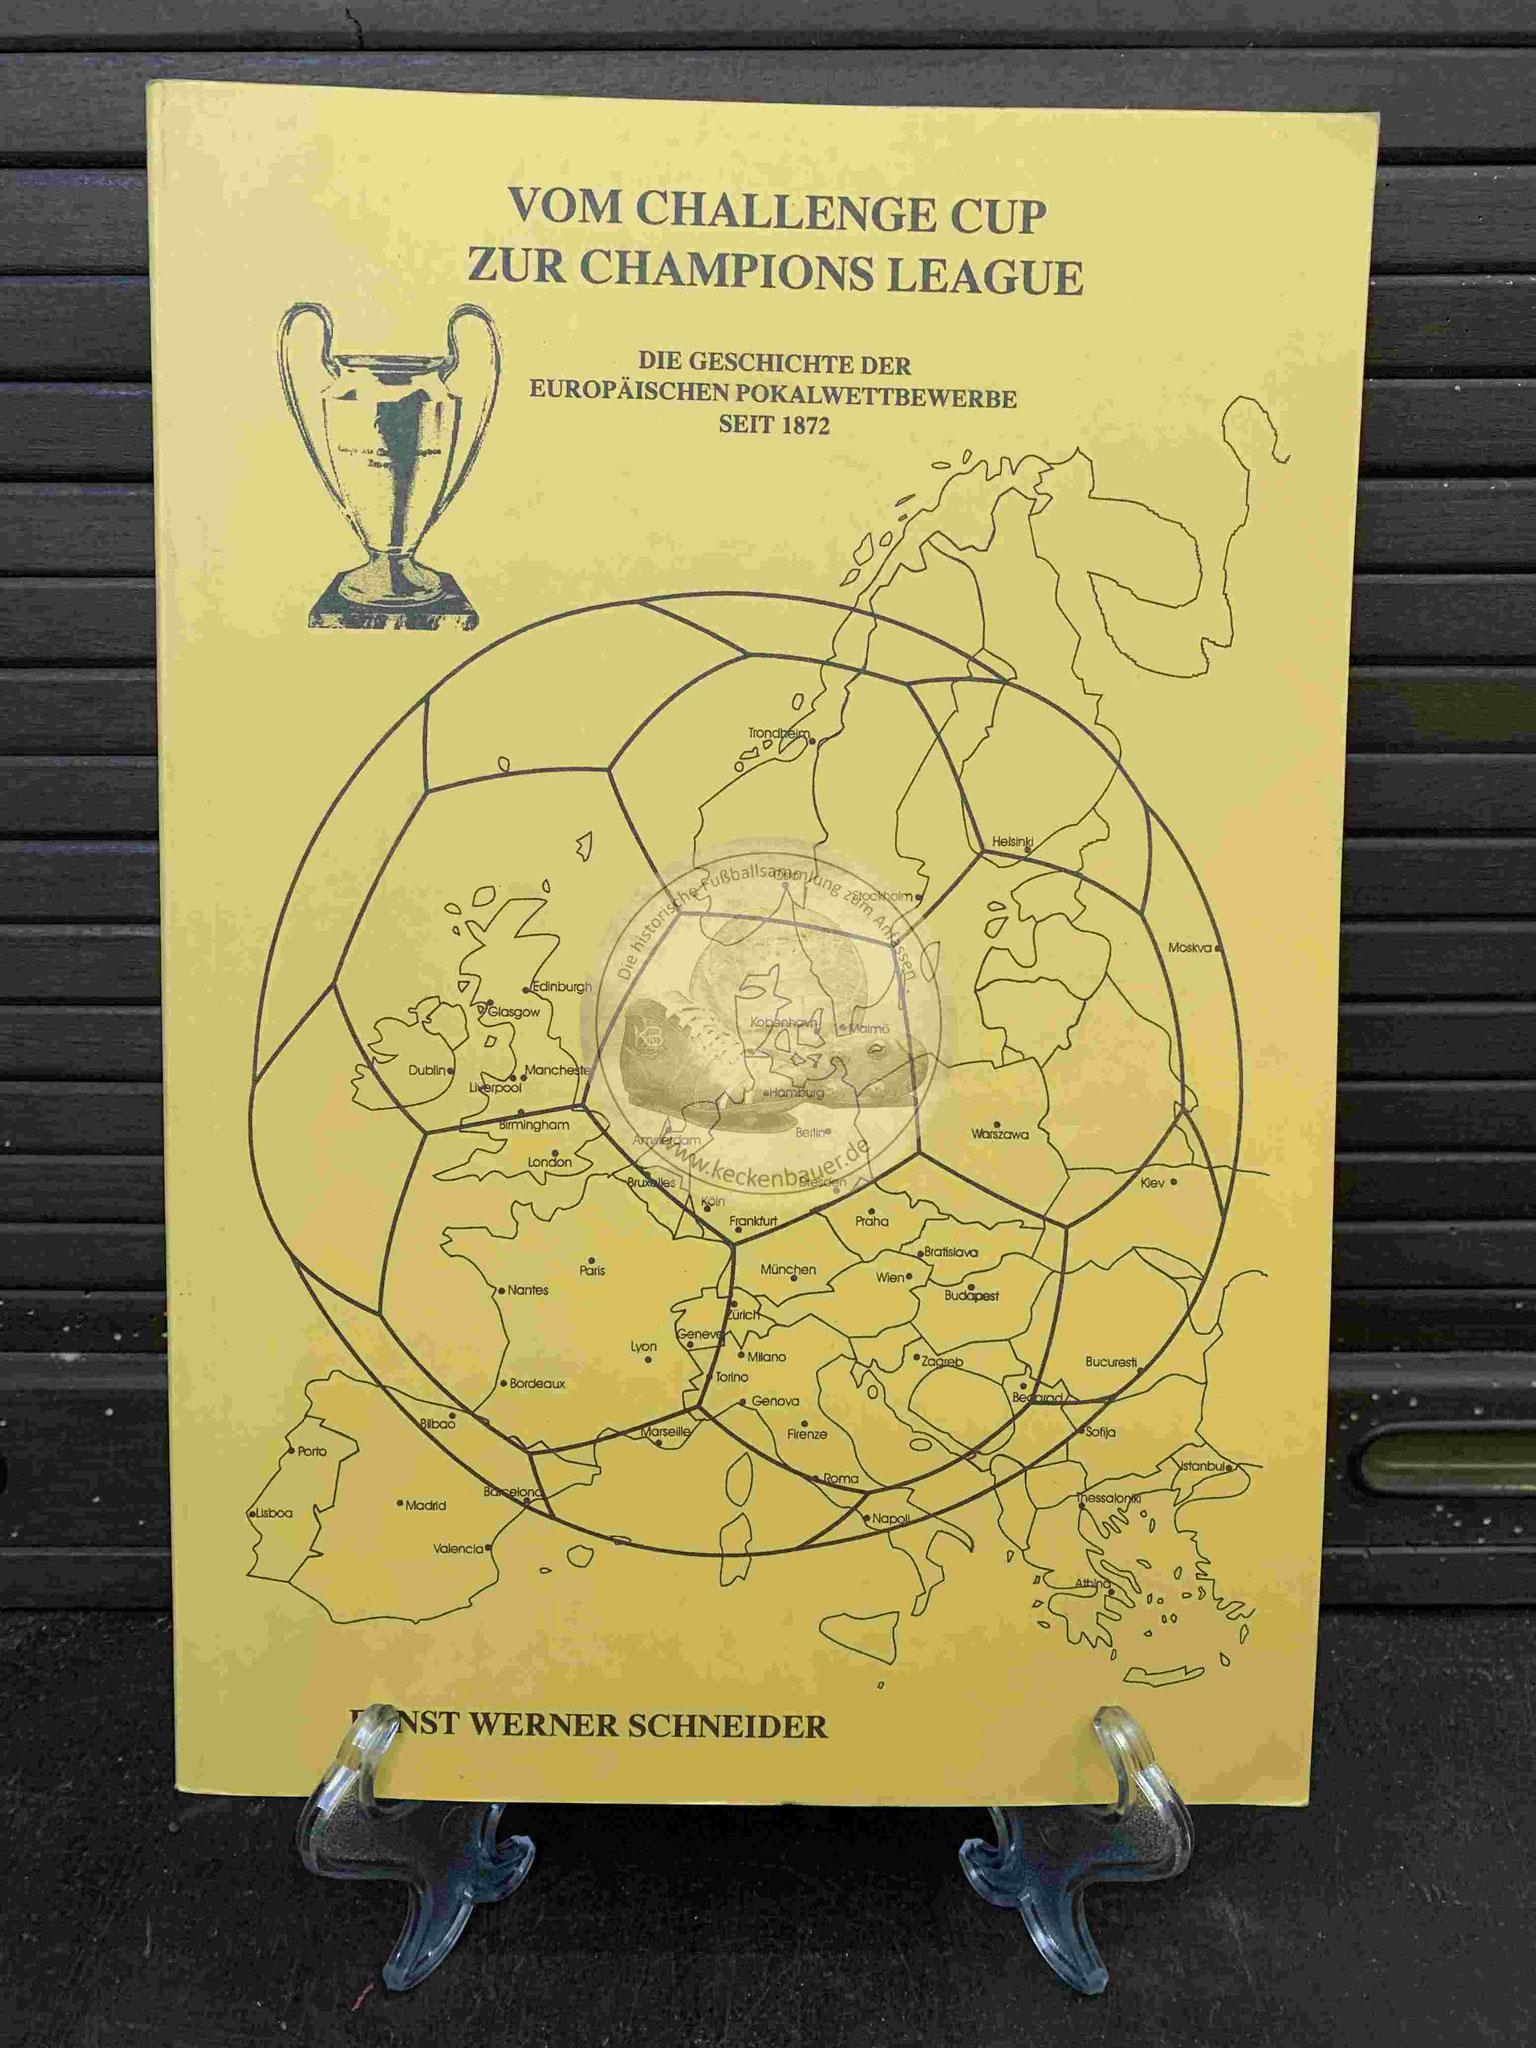 Vom Challenge Cup zur Champions Leaque von Ernst Werner Schneider aus dem Jahr 1999